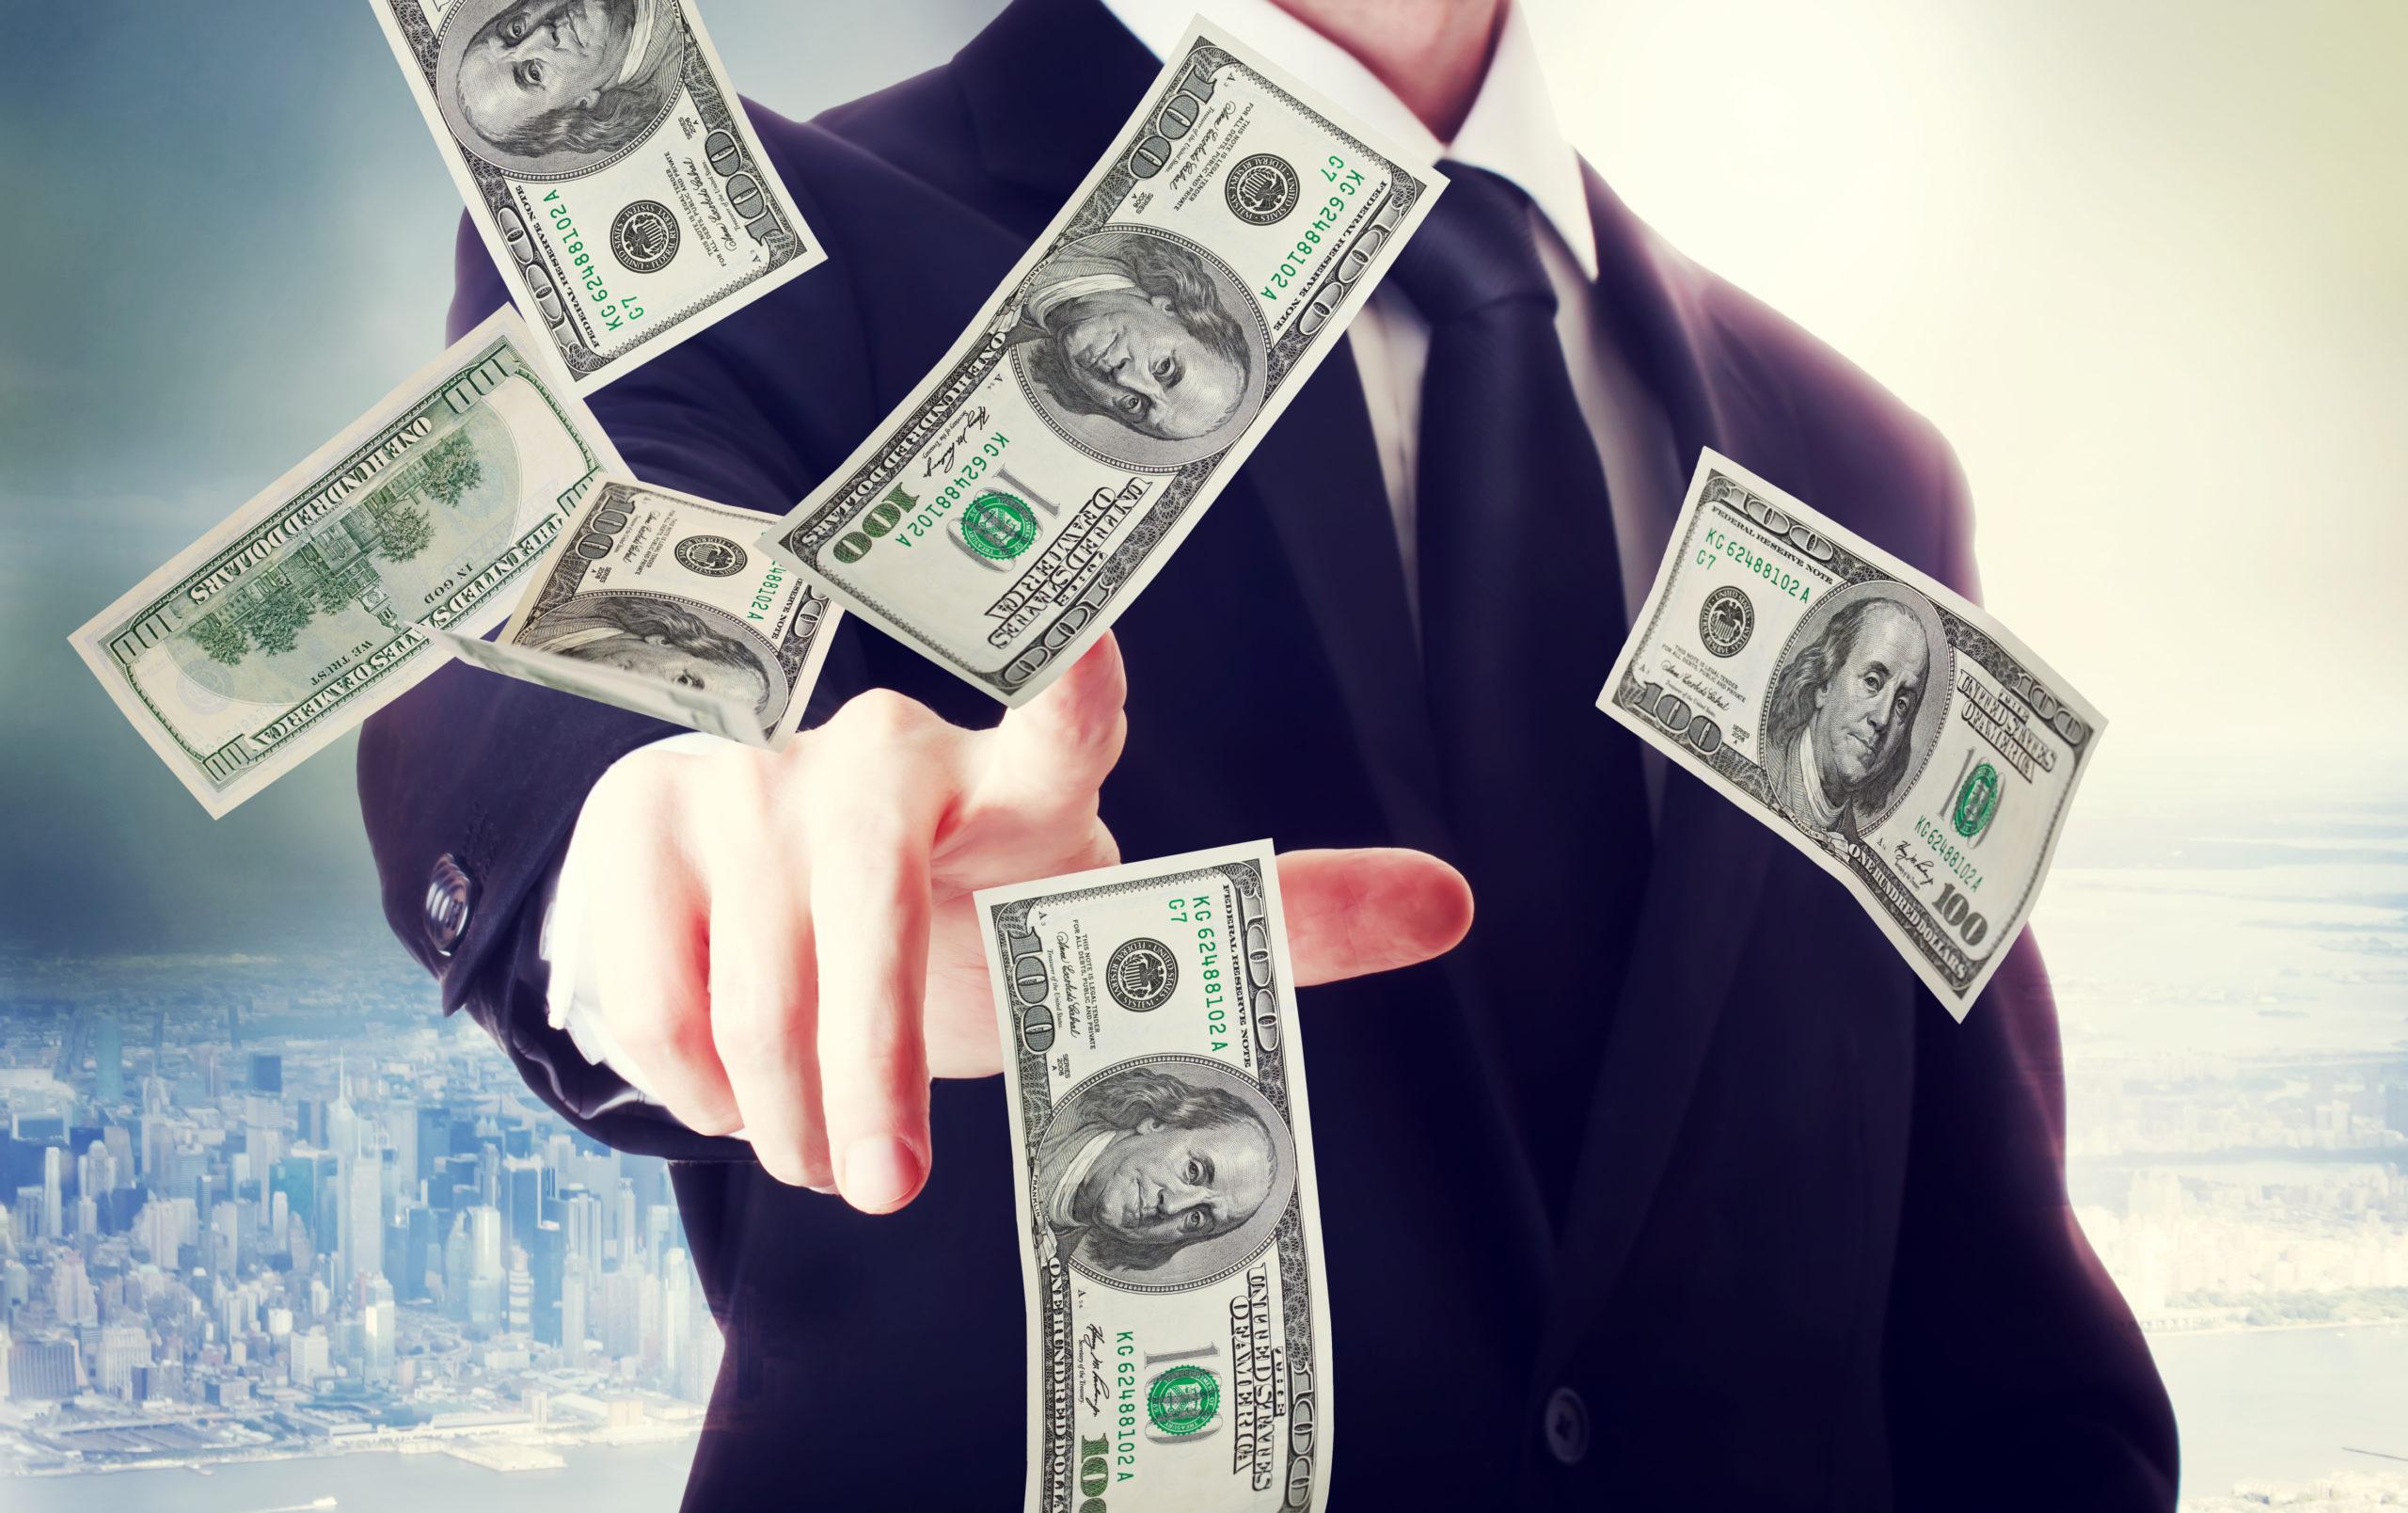 Сила денег: как быть счастливым и свободным с небольшими деньгами?